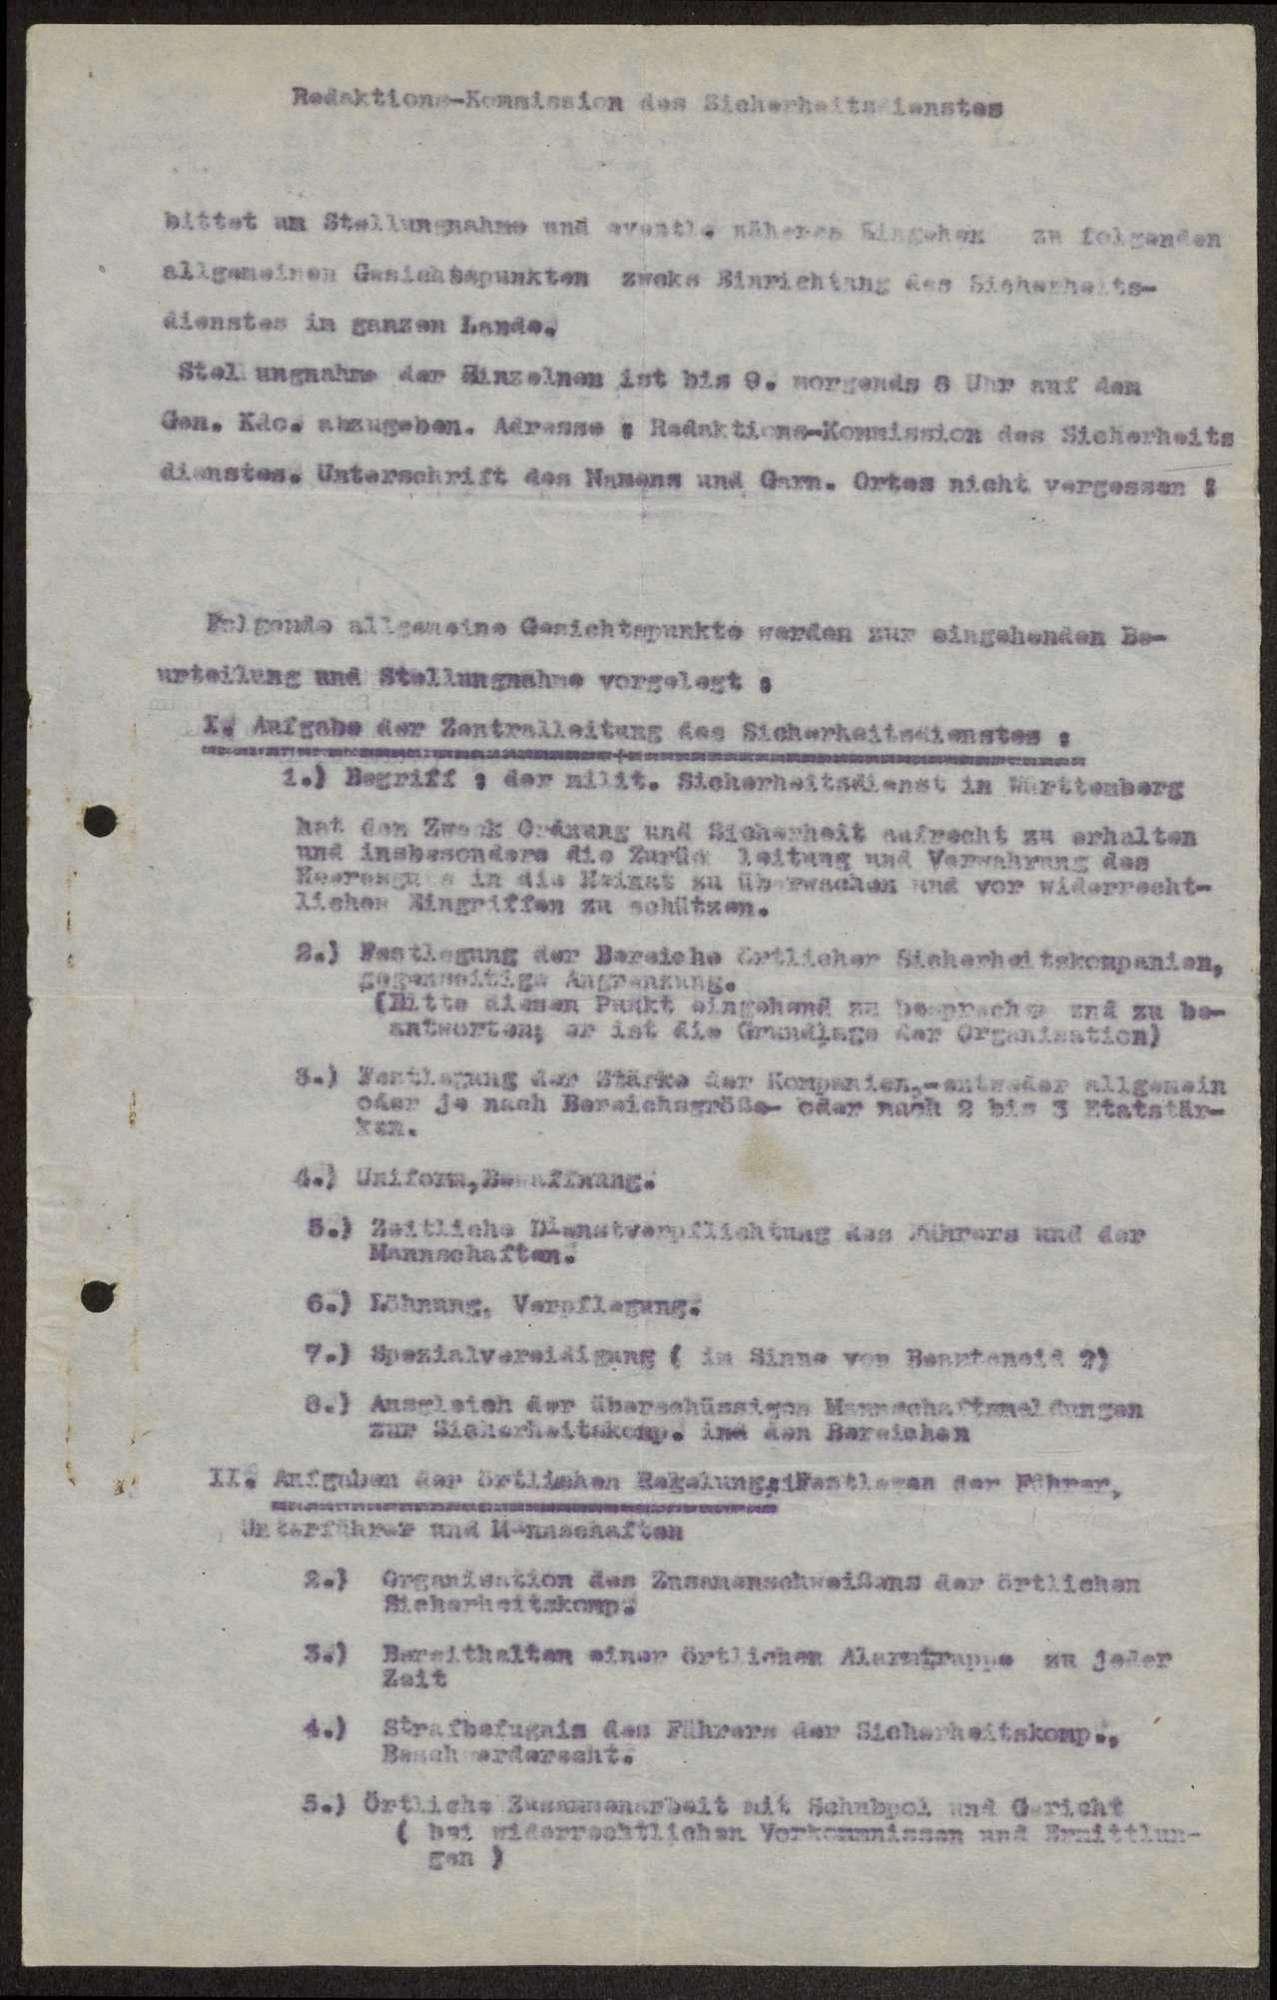 Aufbau, Organisation und Verwaltung des Sicherheitsdienstes in Württemberg, Bild 1